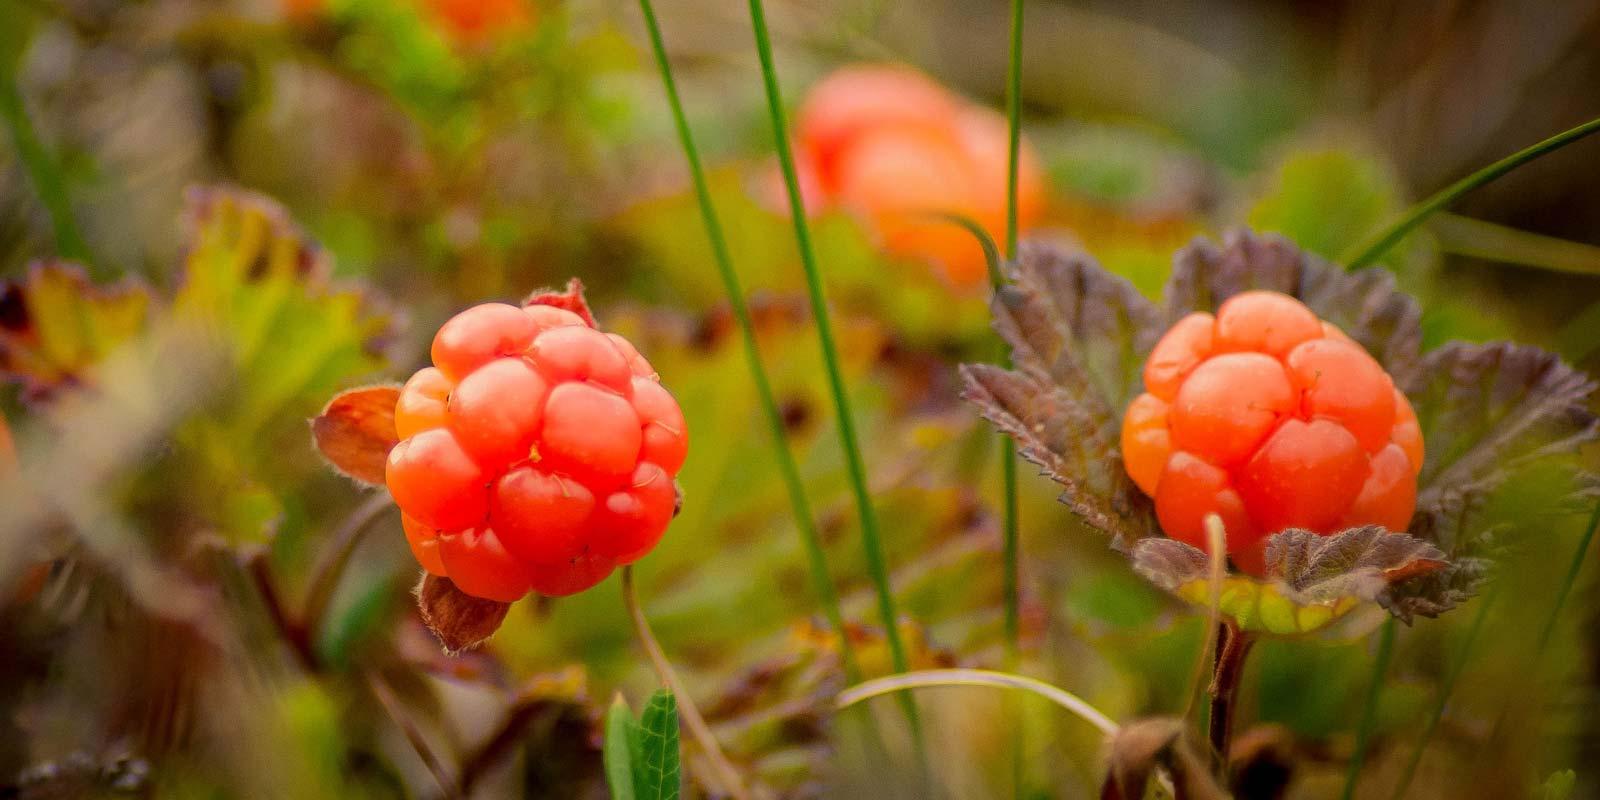 skarvruet hotel tänndalen funäsdalen funäsjällen härjedalen jämtland cloudberries